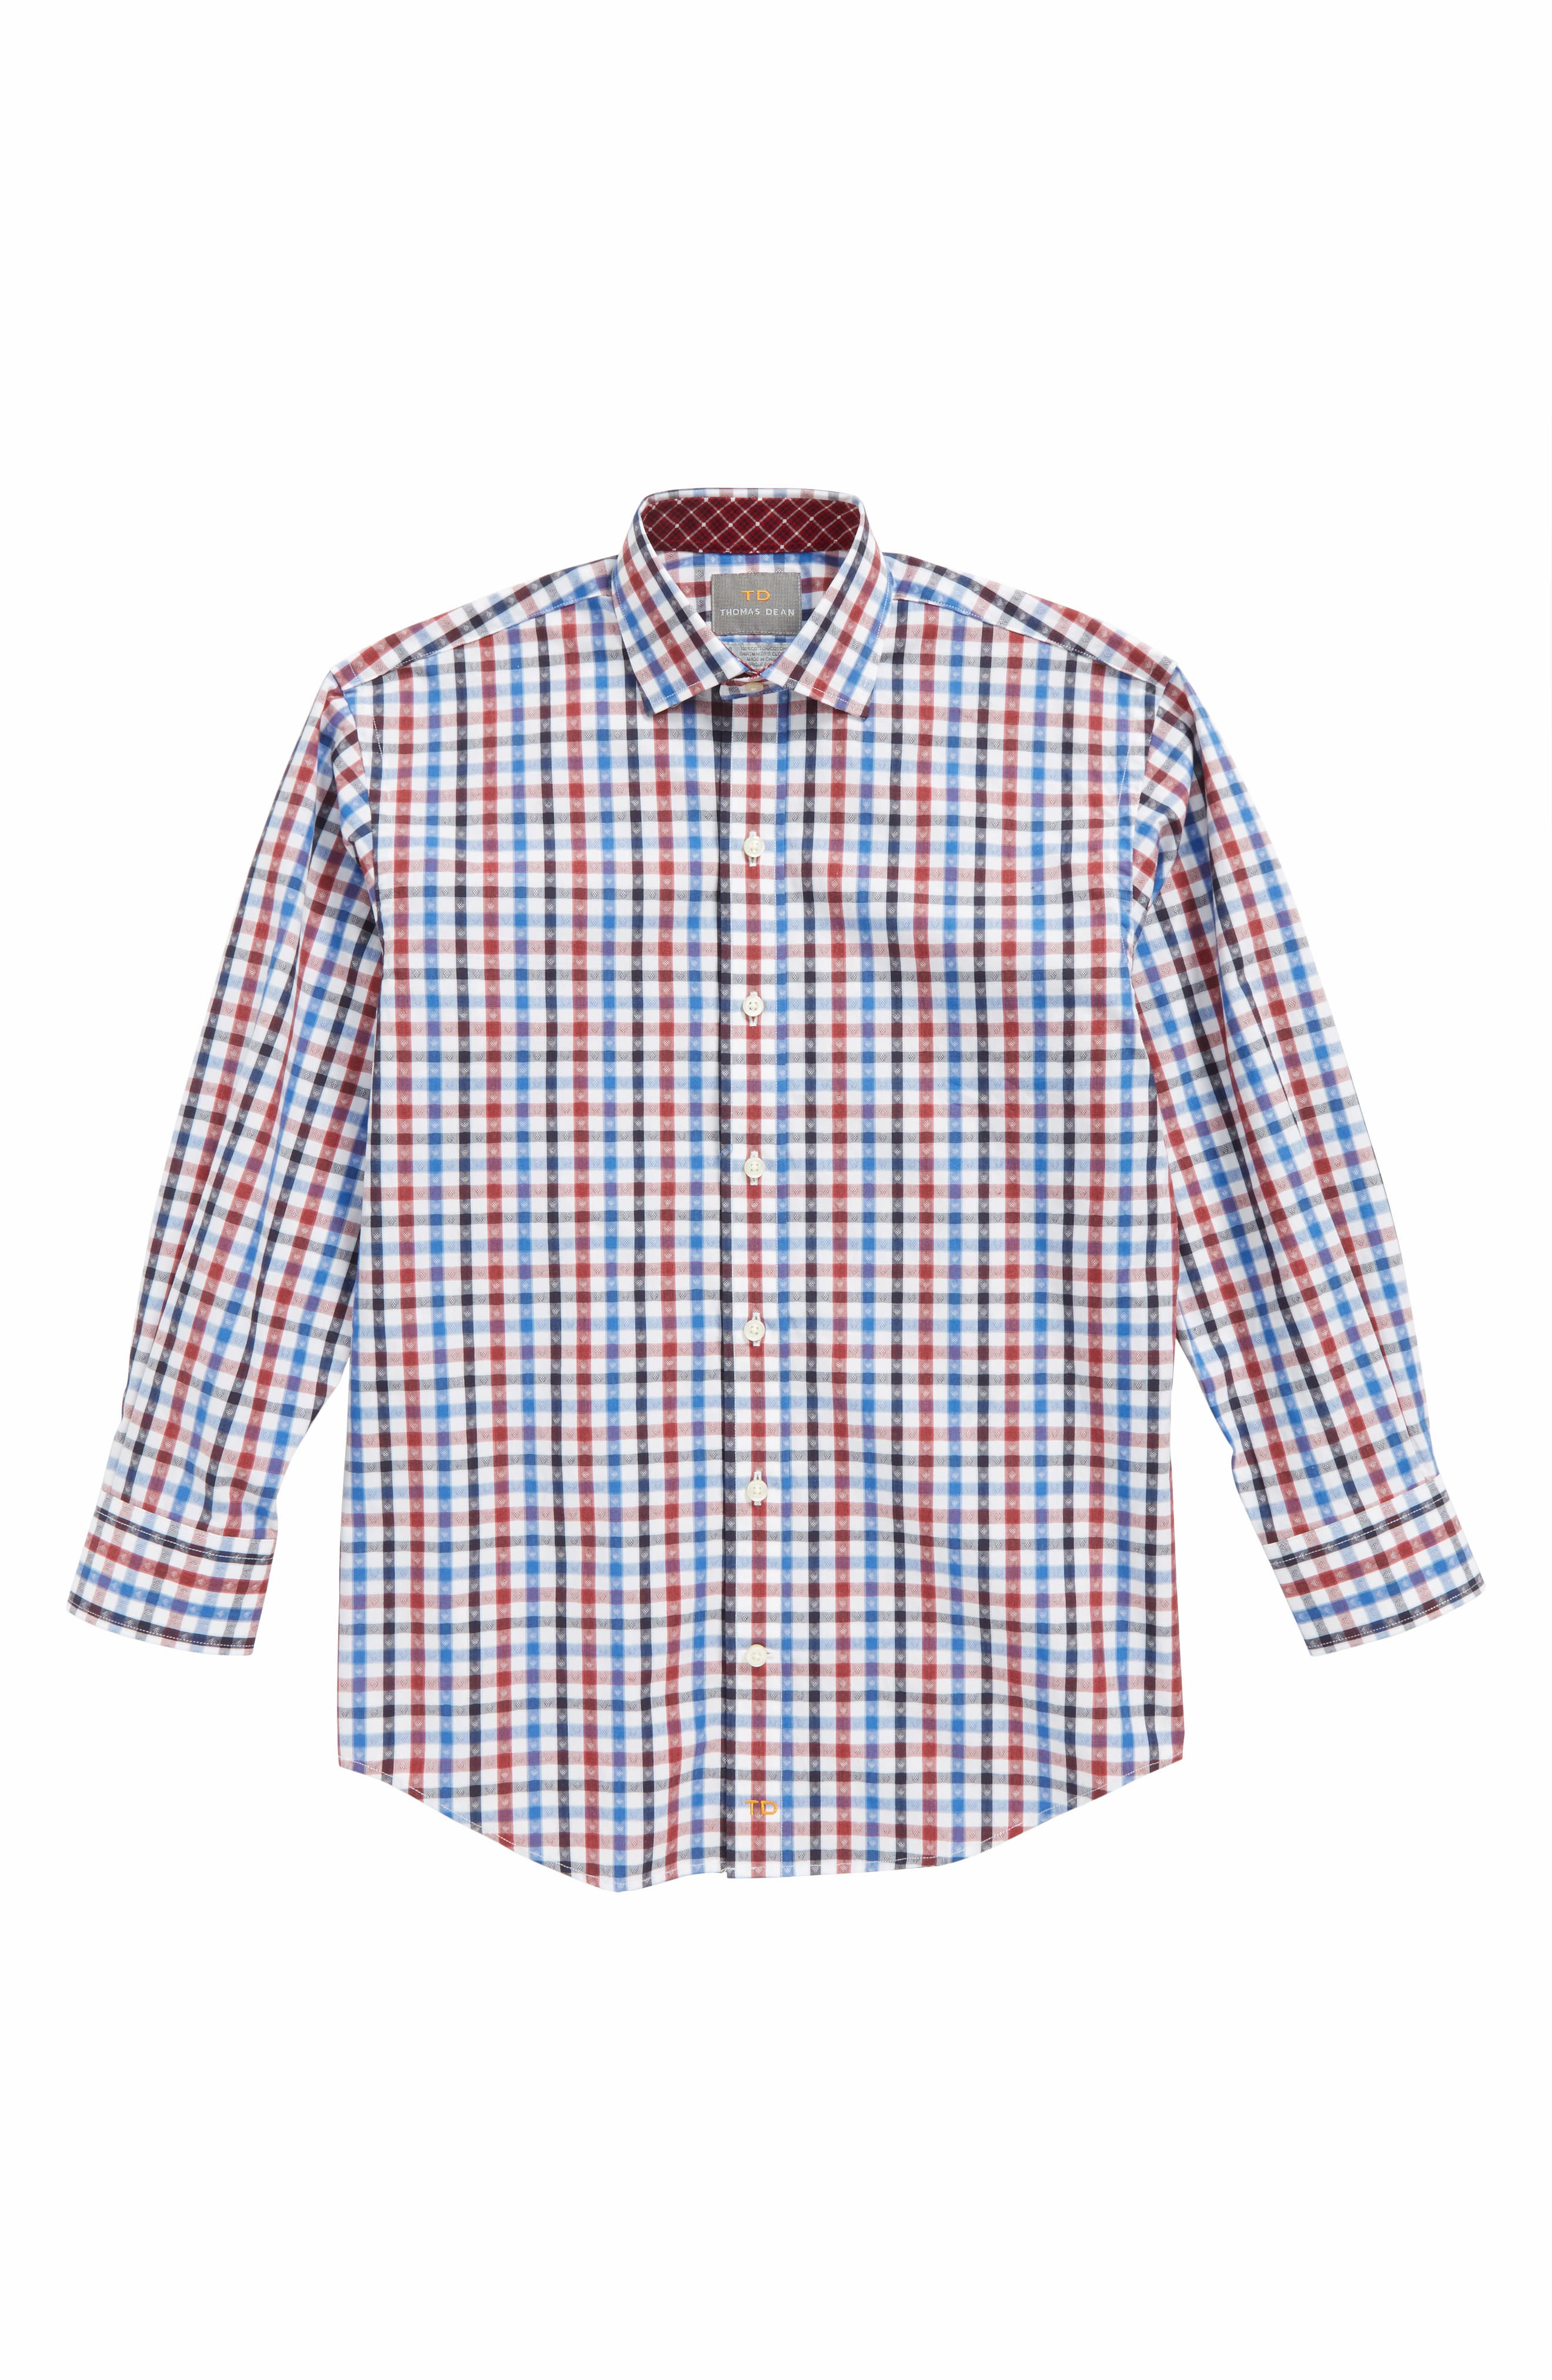 Shadow Check Dress Shirt,                             Main thumbnail 1, color,                             600